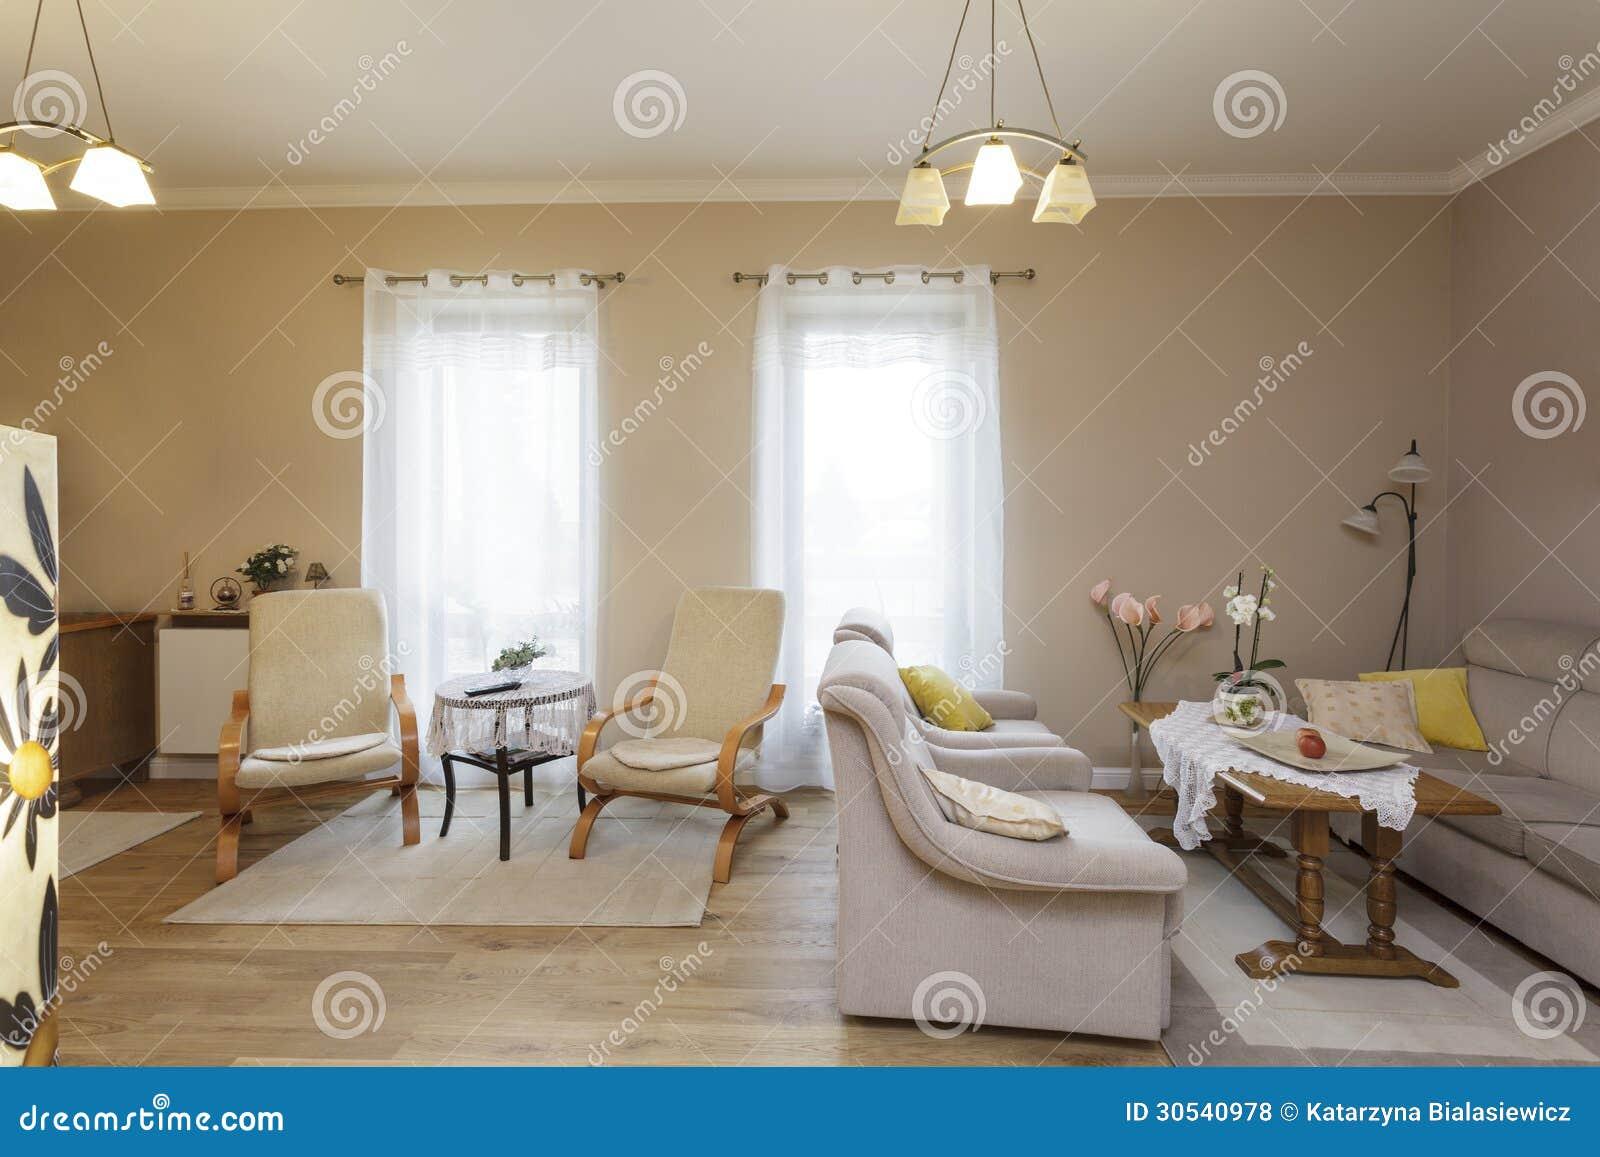 La Toscane Salon Classique Photo Stock Image Du Contemporain